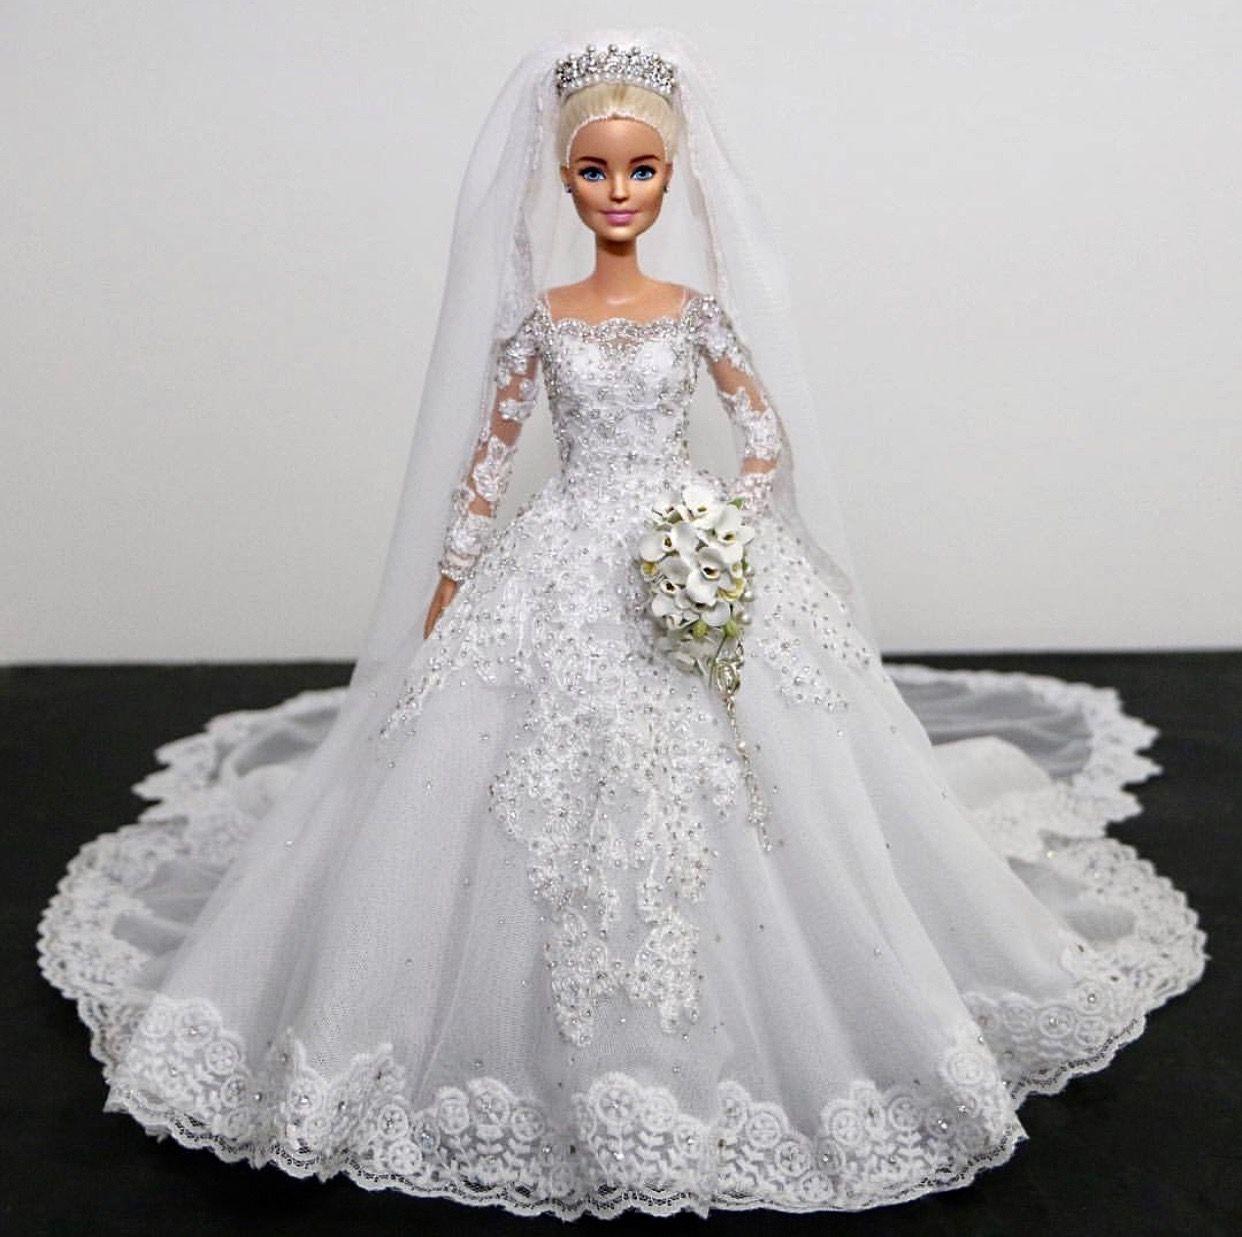 19..19/sammurakammi (mit Bildern)  Barbie braut, Barbie kleider